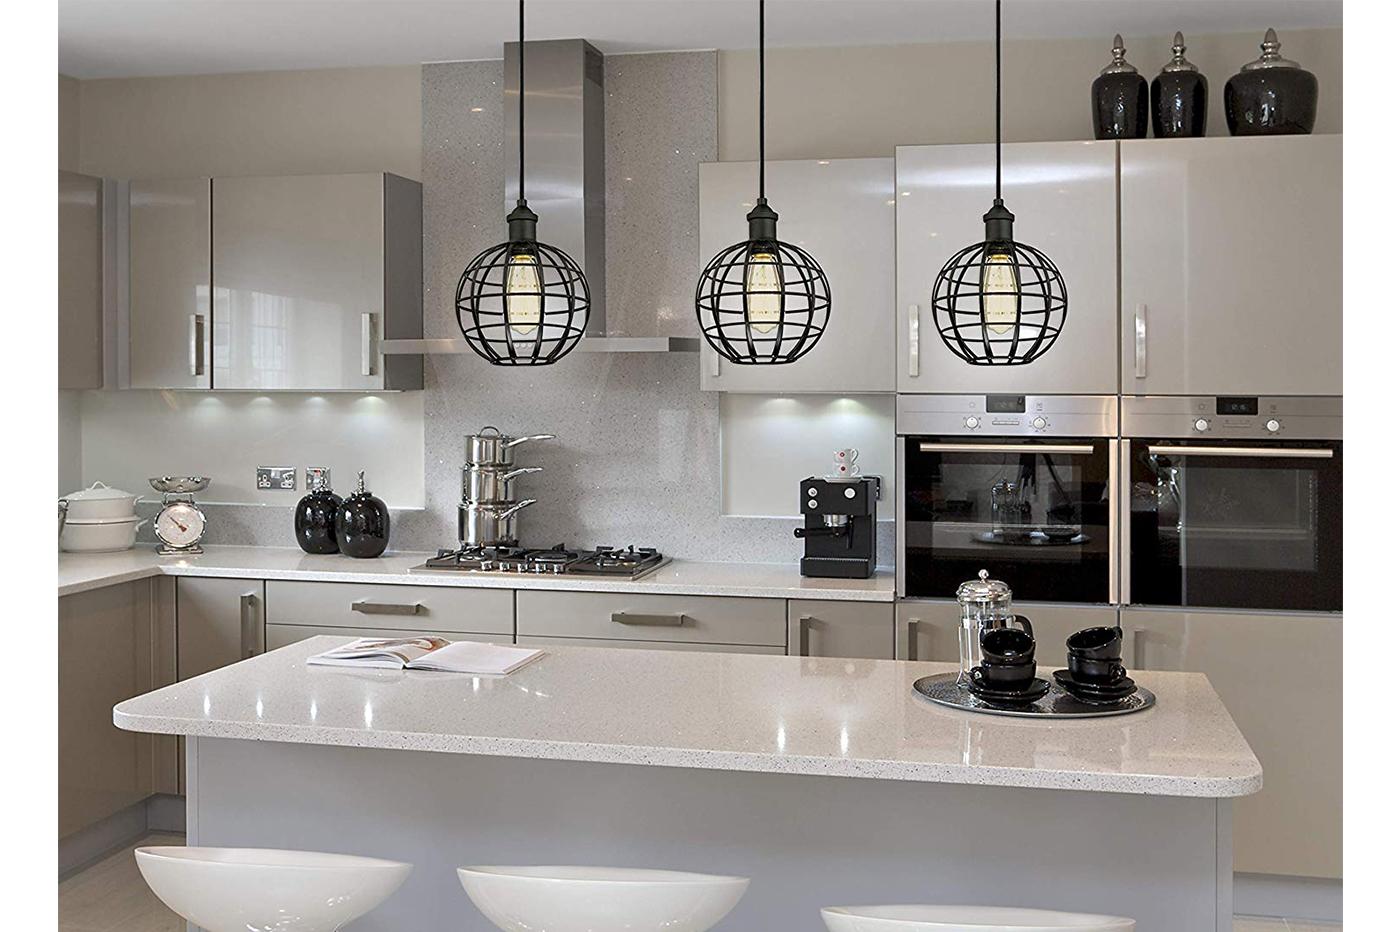 Lampadari Per Casa Al Mare lampadario gabbia in metallo industriale retro e27 pendente vintage ty004